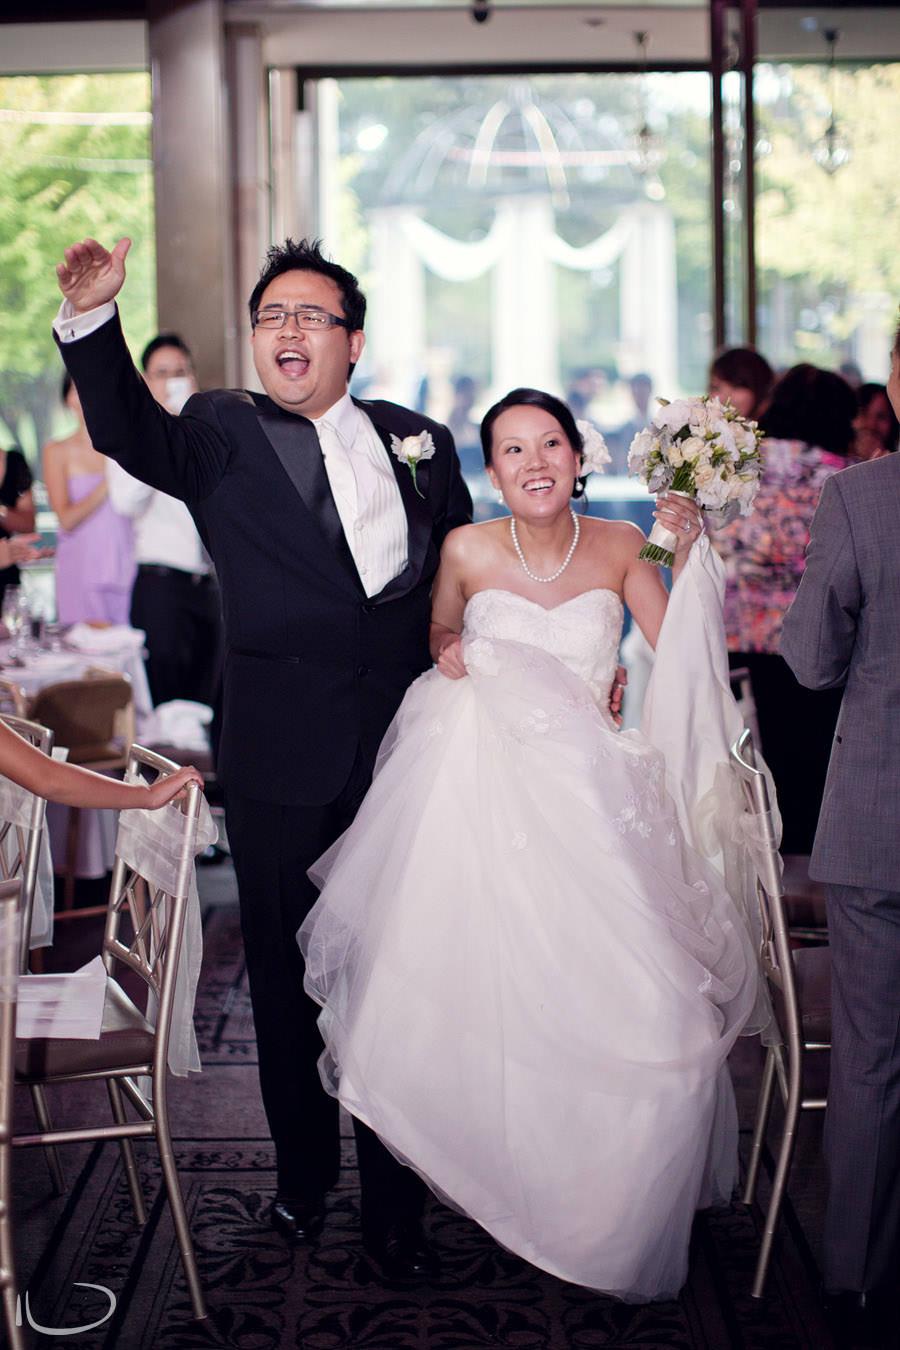 Curzon Hall Marsfield Wedding Photographer: Bride & Groom reception entrance